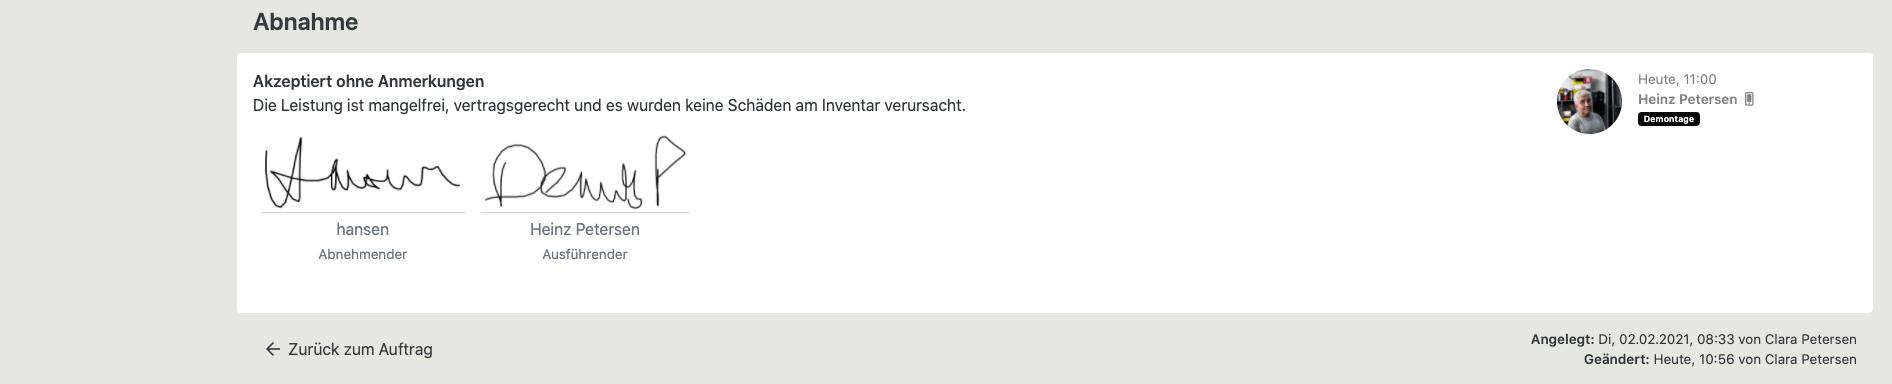 Bildschirmfoto 2021 05 14 um 11.10.22